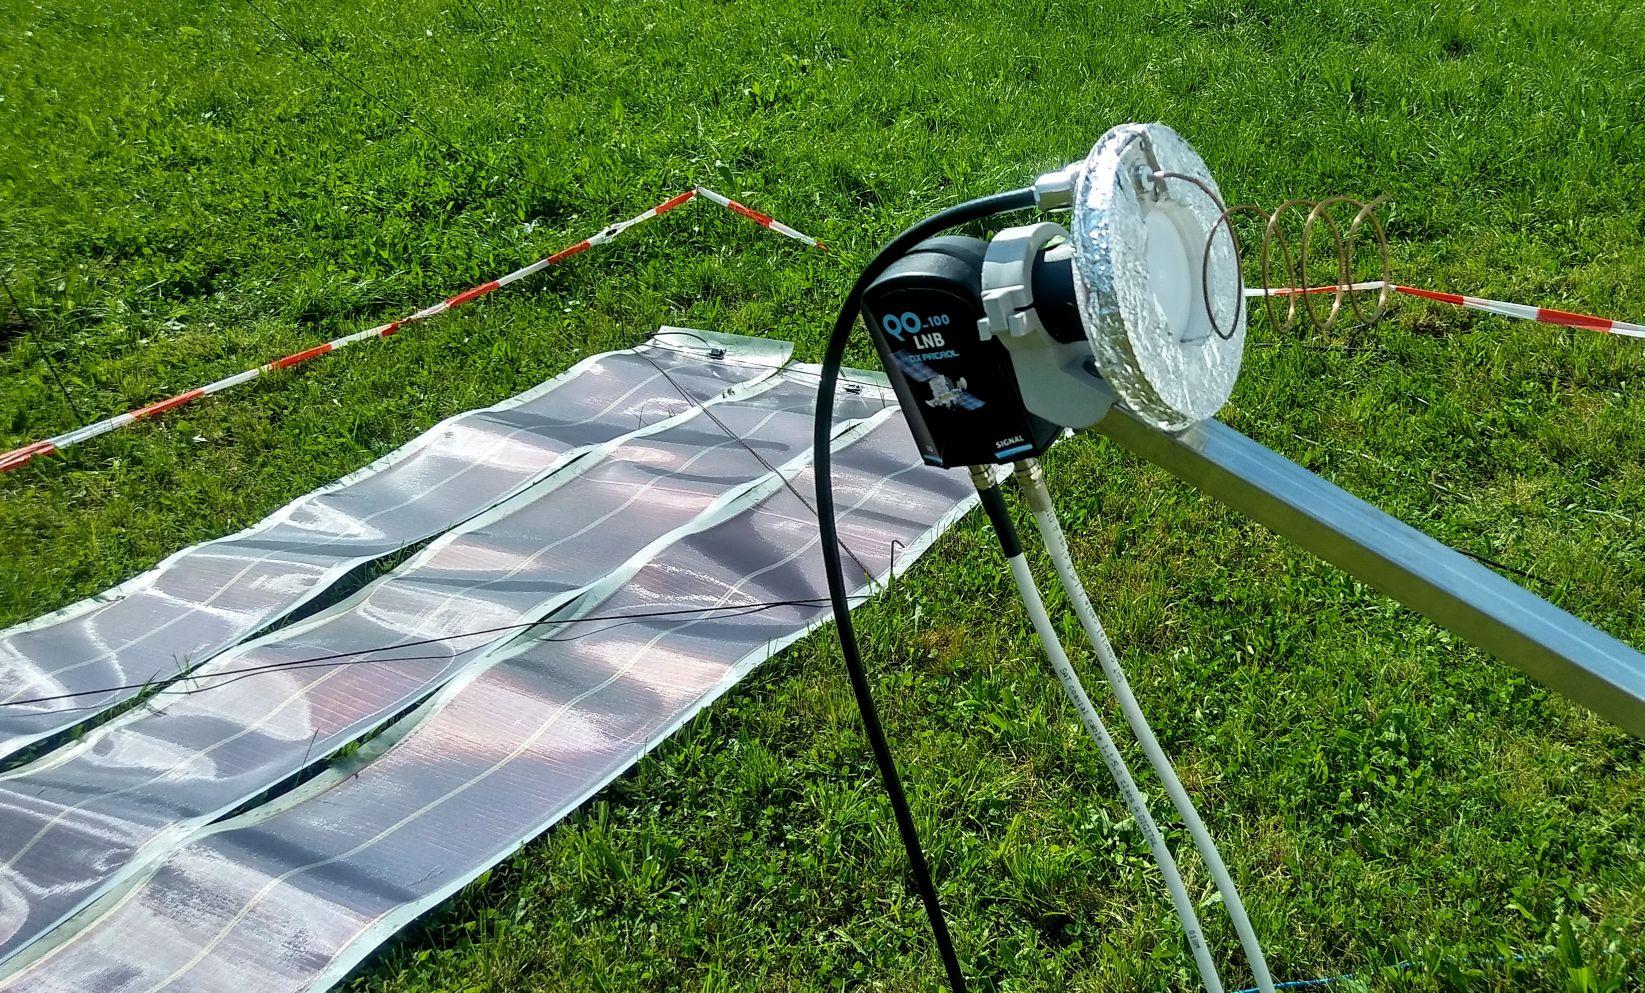 QO-100-Feed u. Solarzellen